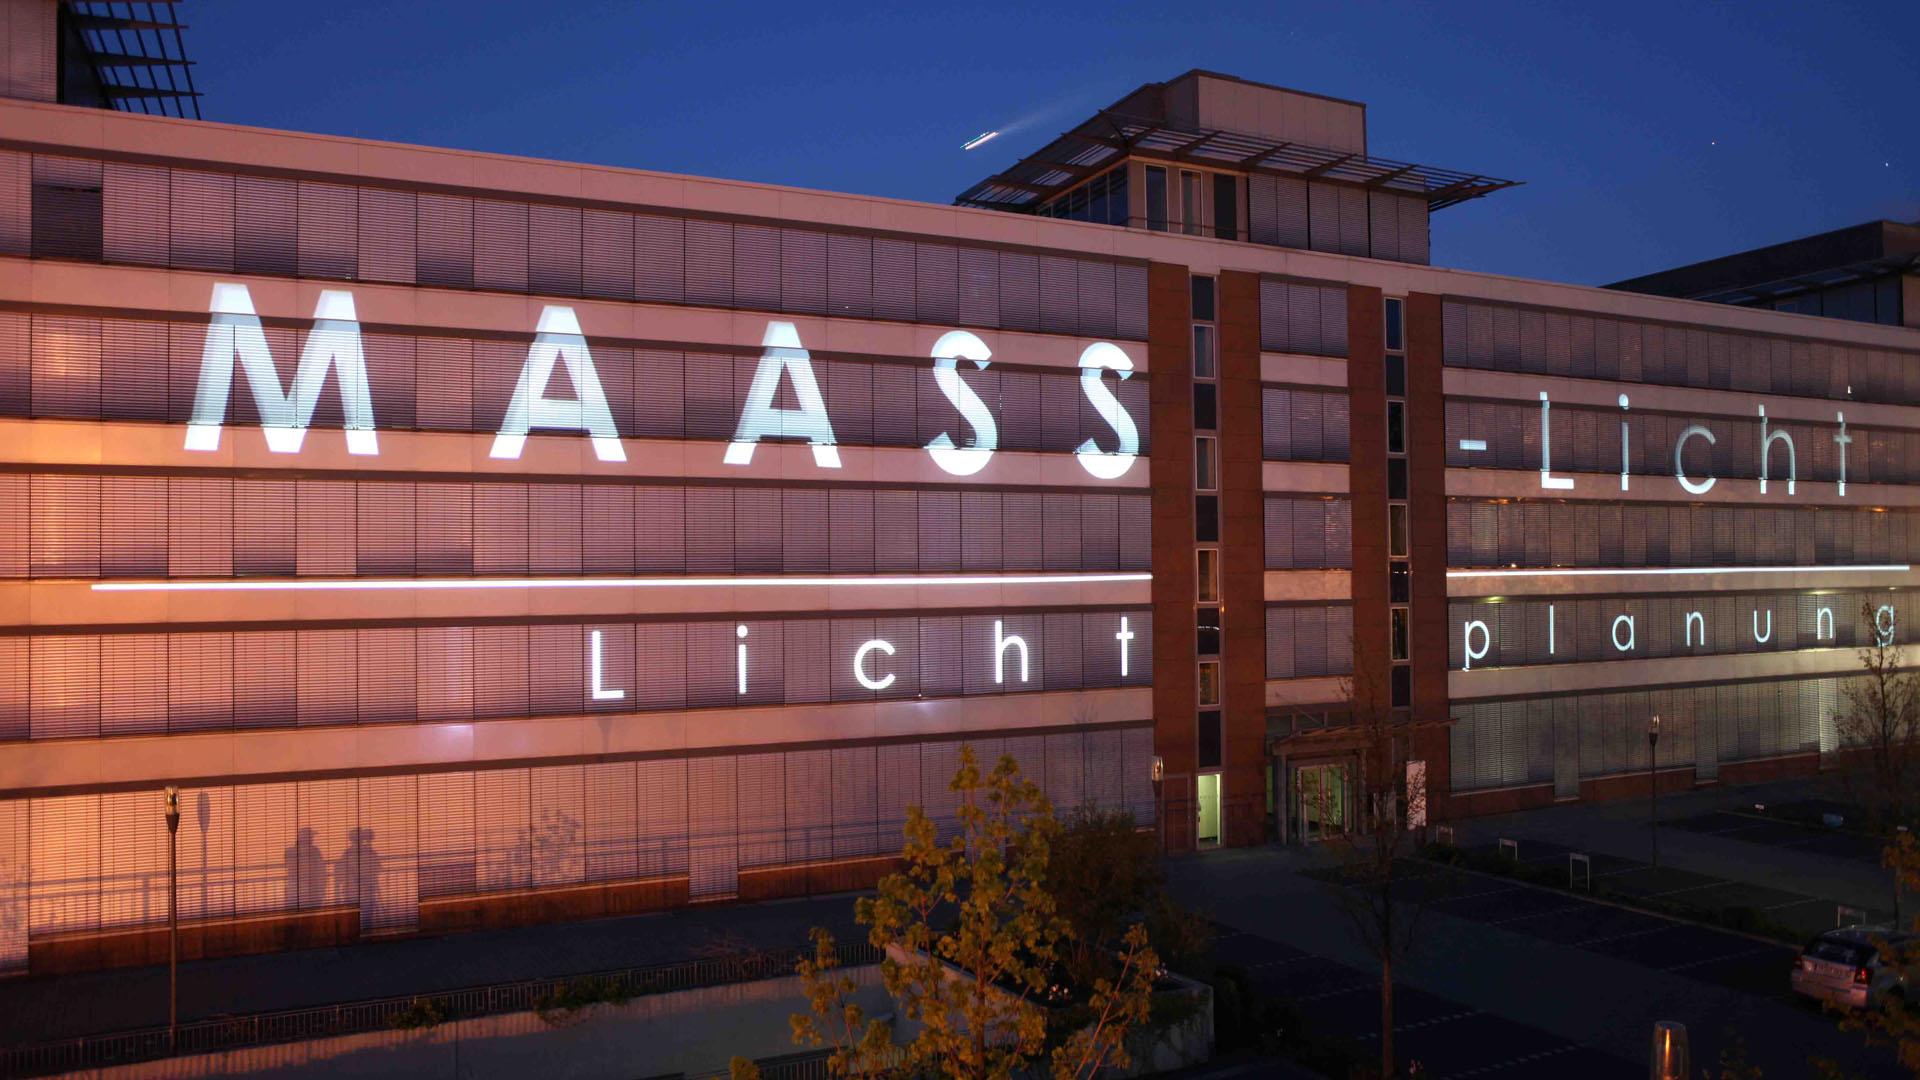 MAASS-Lichtplanung_Trespass__MAASS-Trespass-011